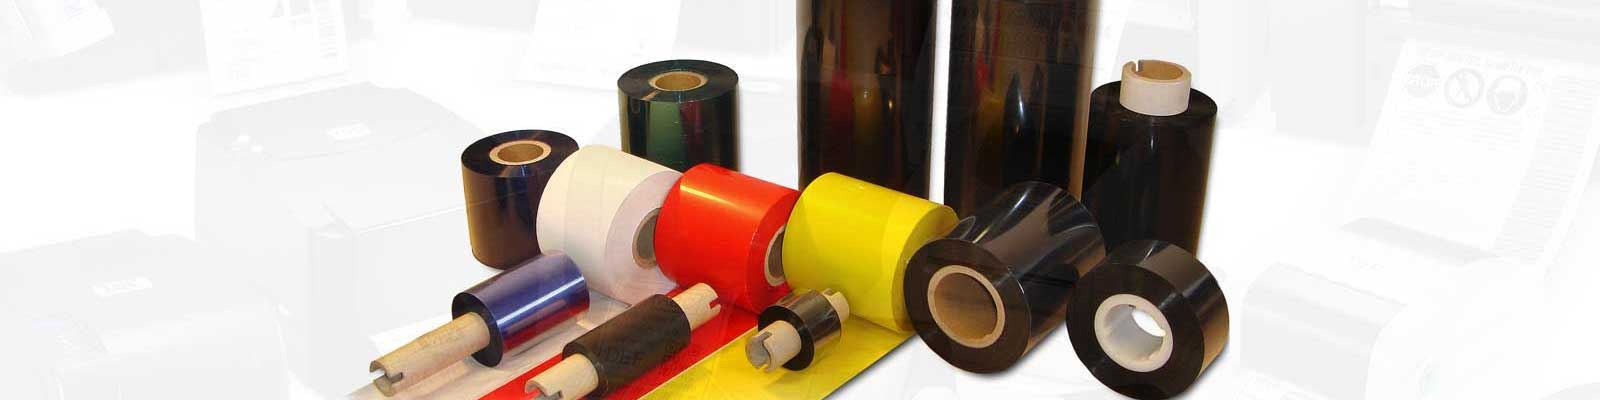 Ribbon Impresoras Godex